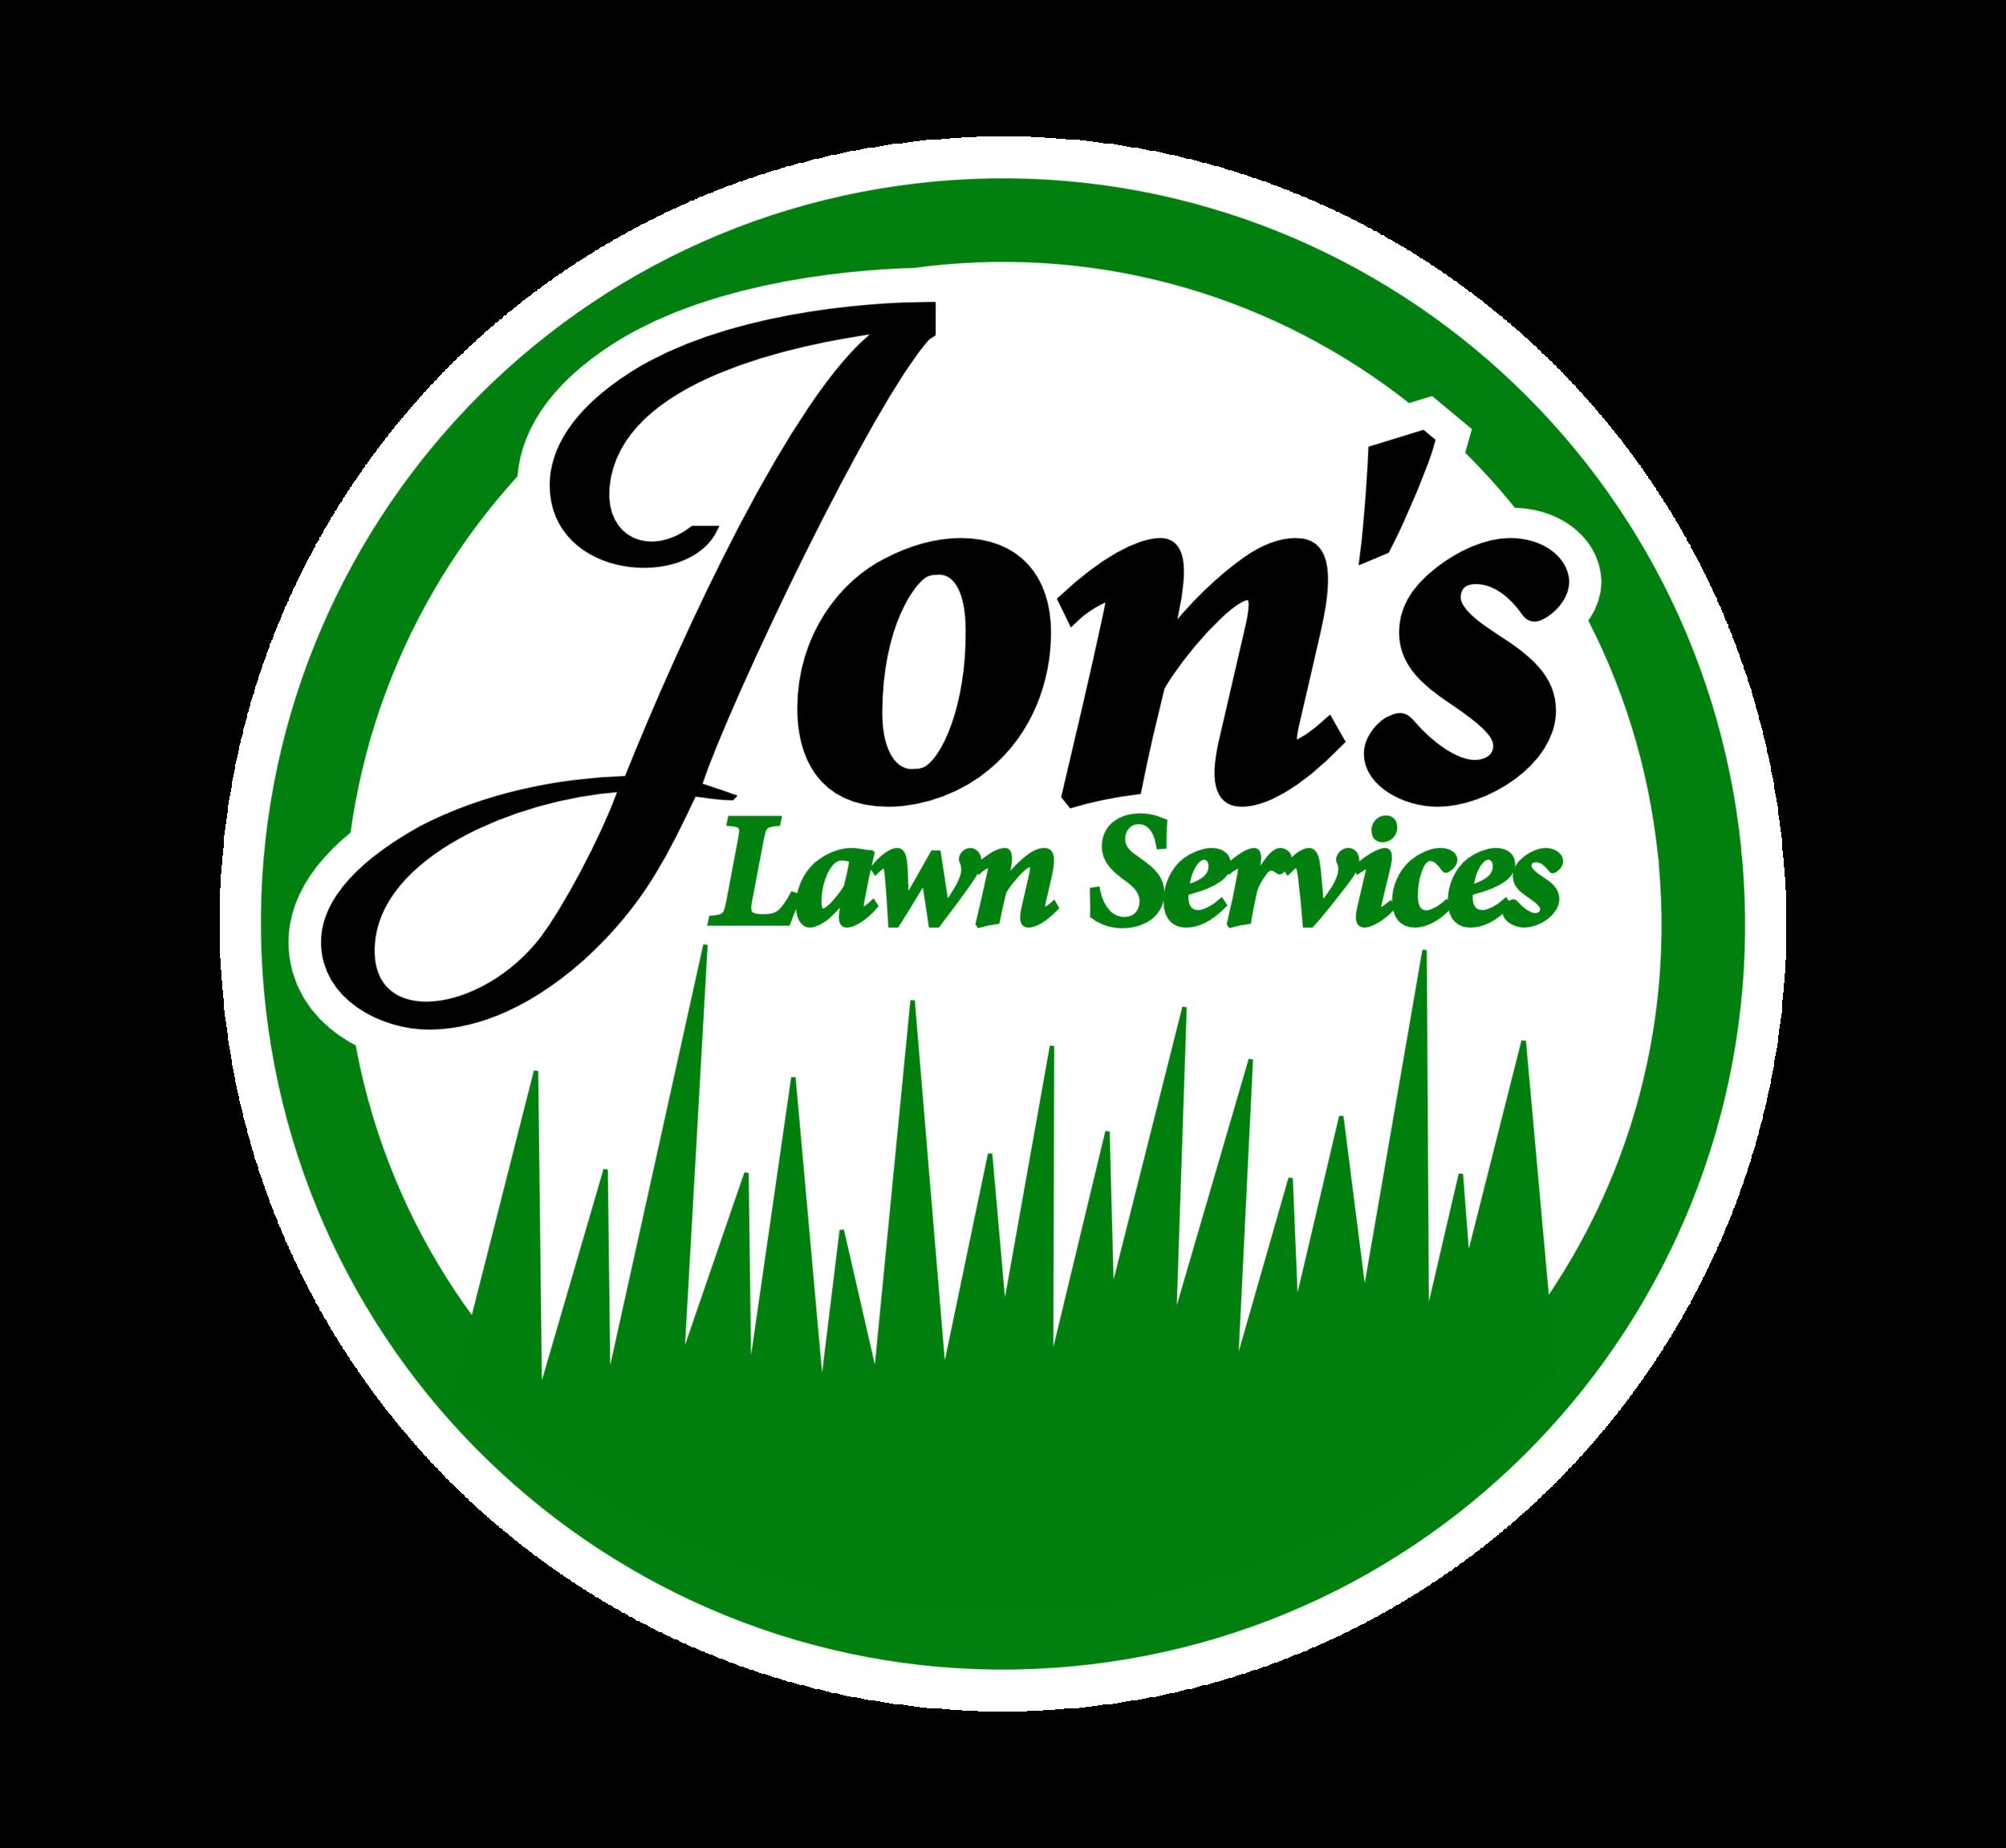 Jons-Lawn-Services_Logo.png